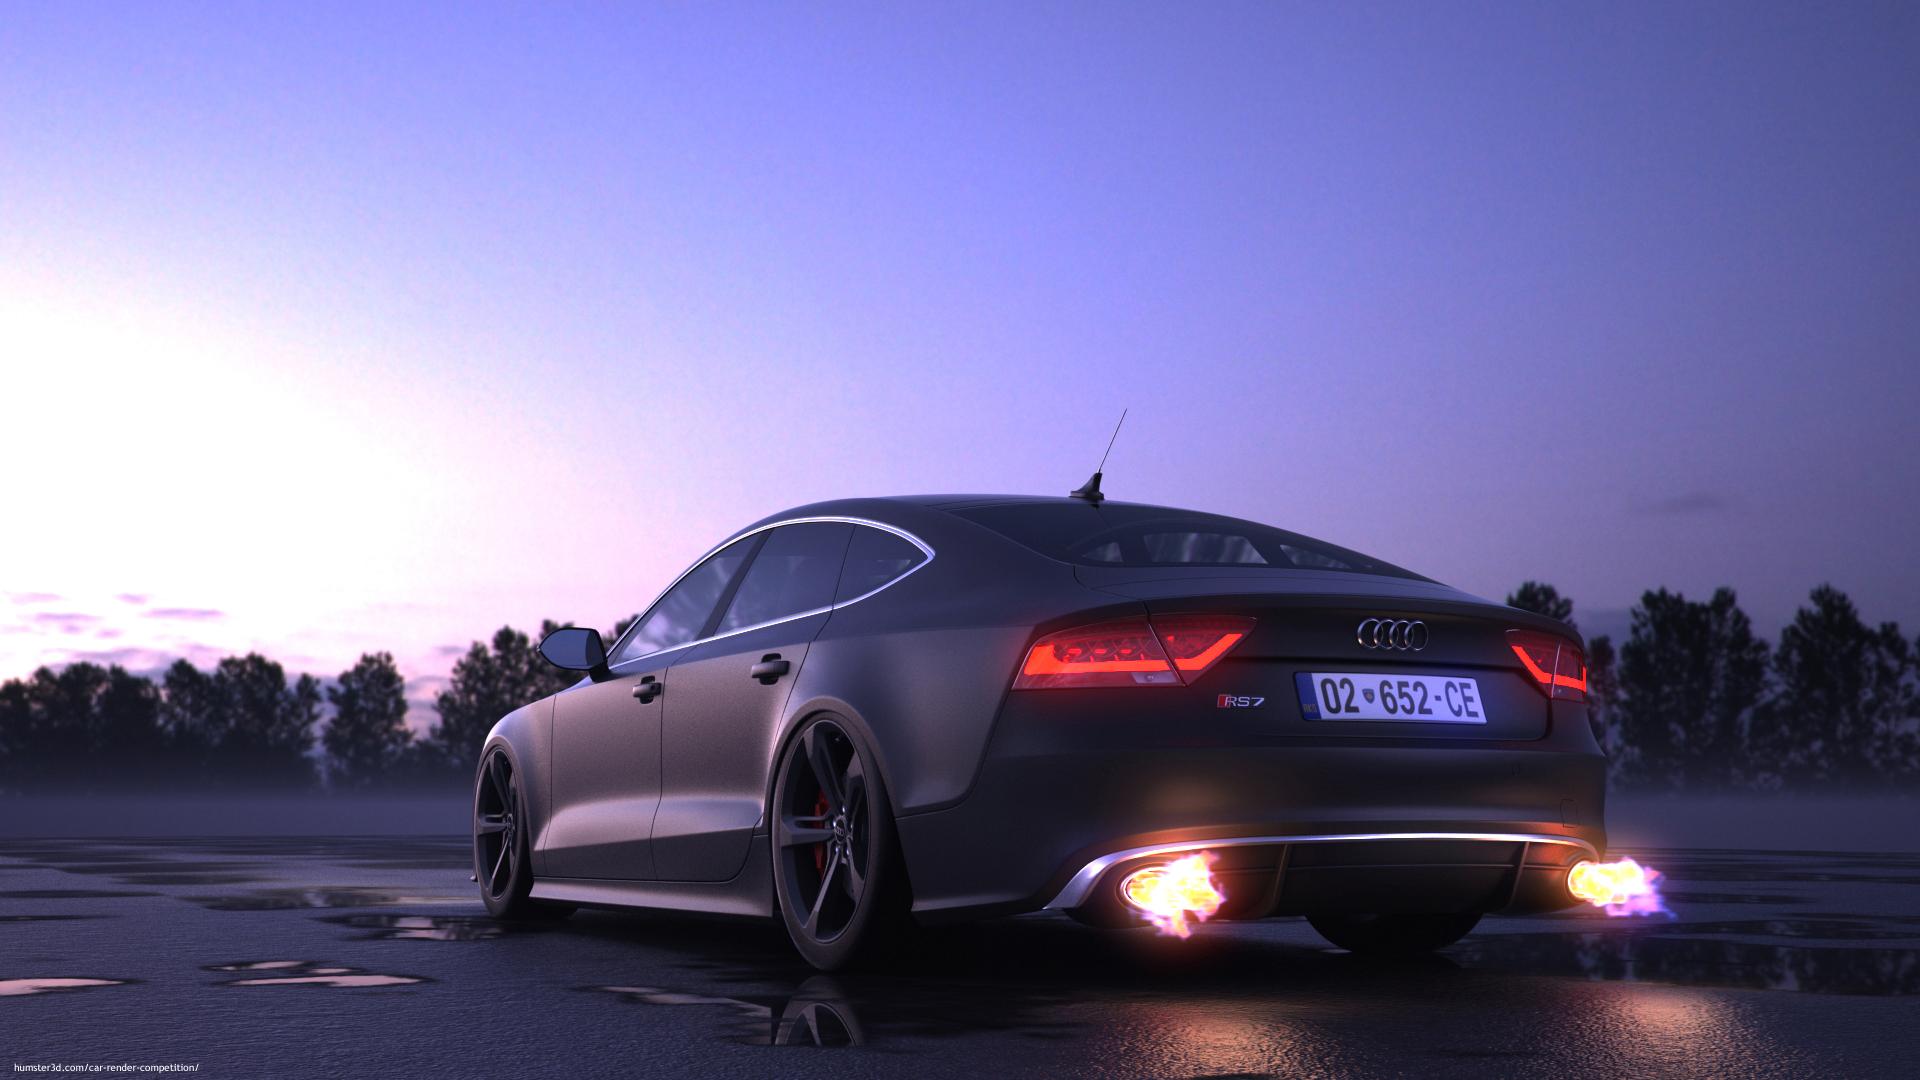 Audi Rs7 Armend Pajaziti Car Render Challenge 2015